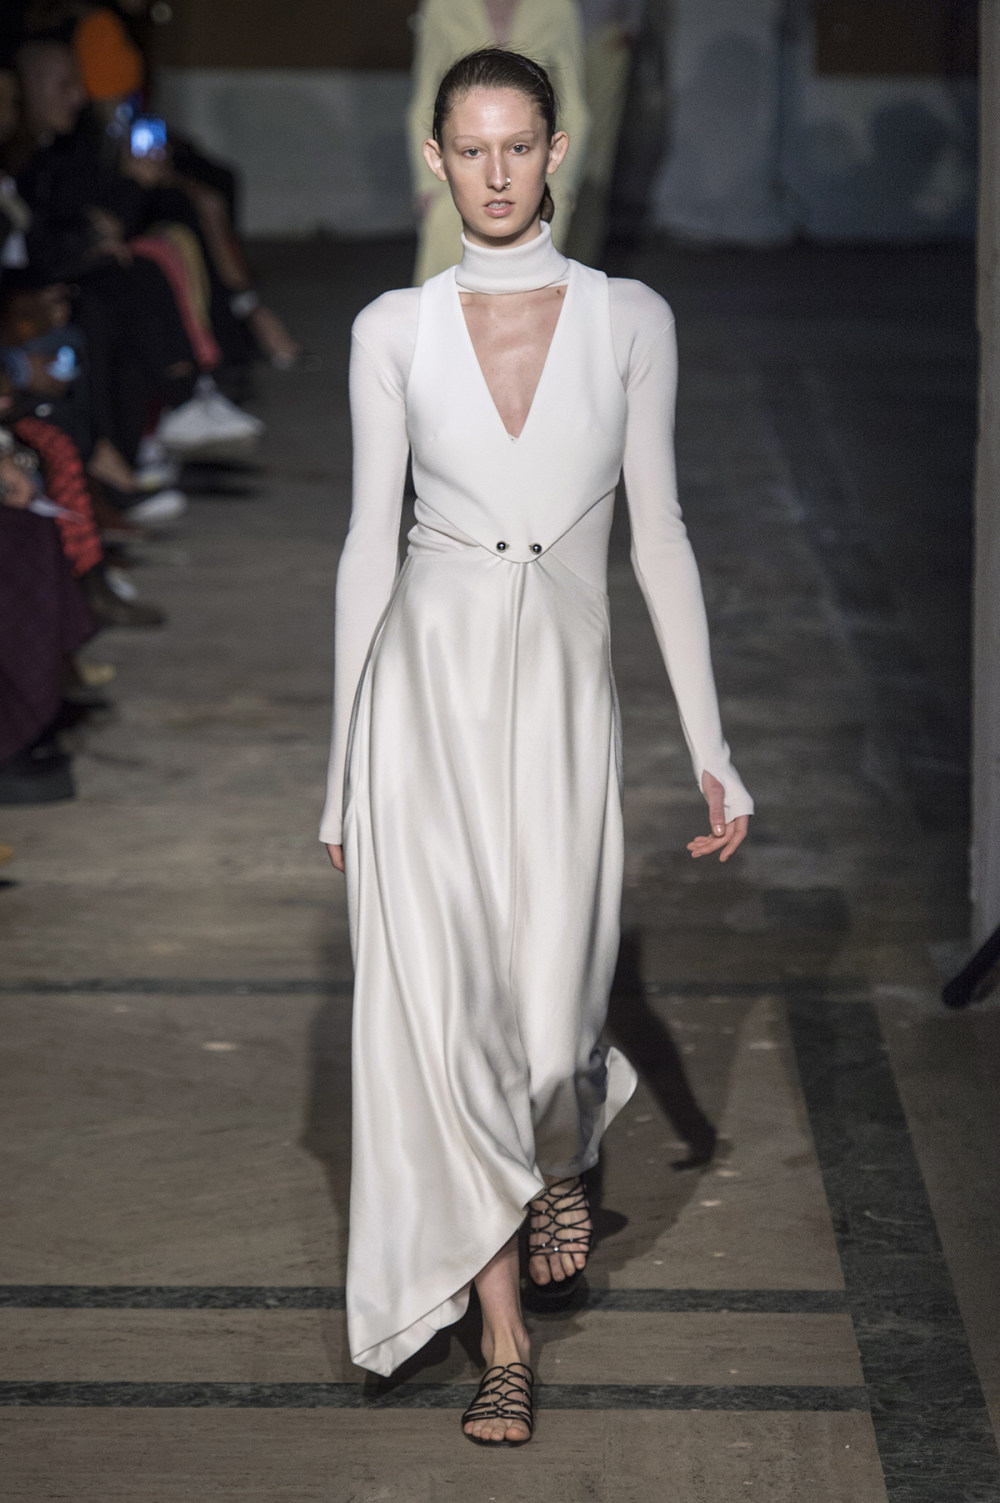 Dion Lee没有紧身衣的连衣裙被聚集或扭曲保持调色板的简约和奢华-10.jpg